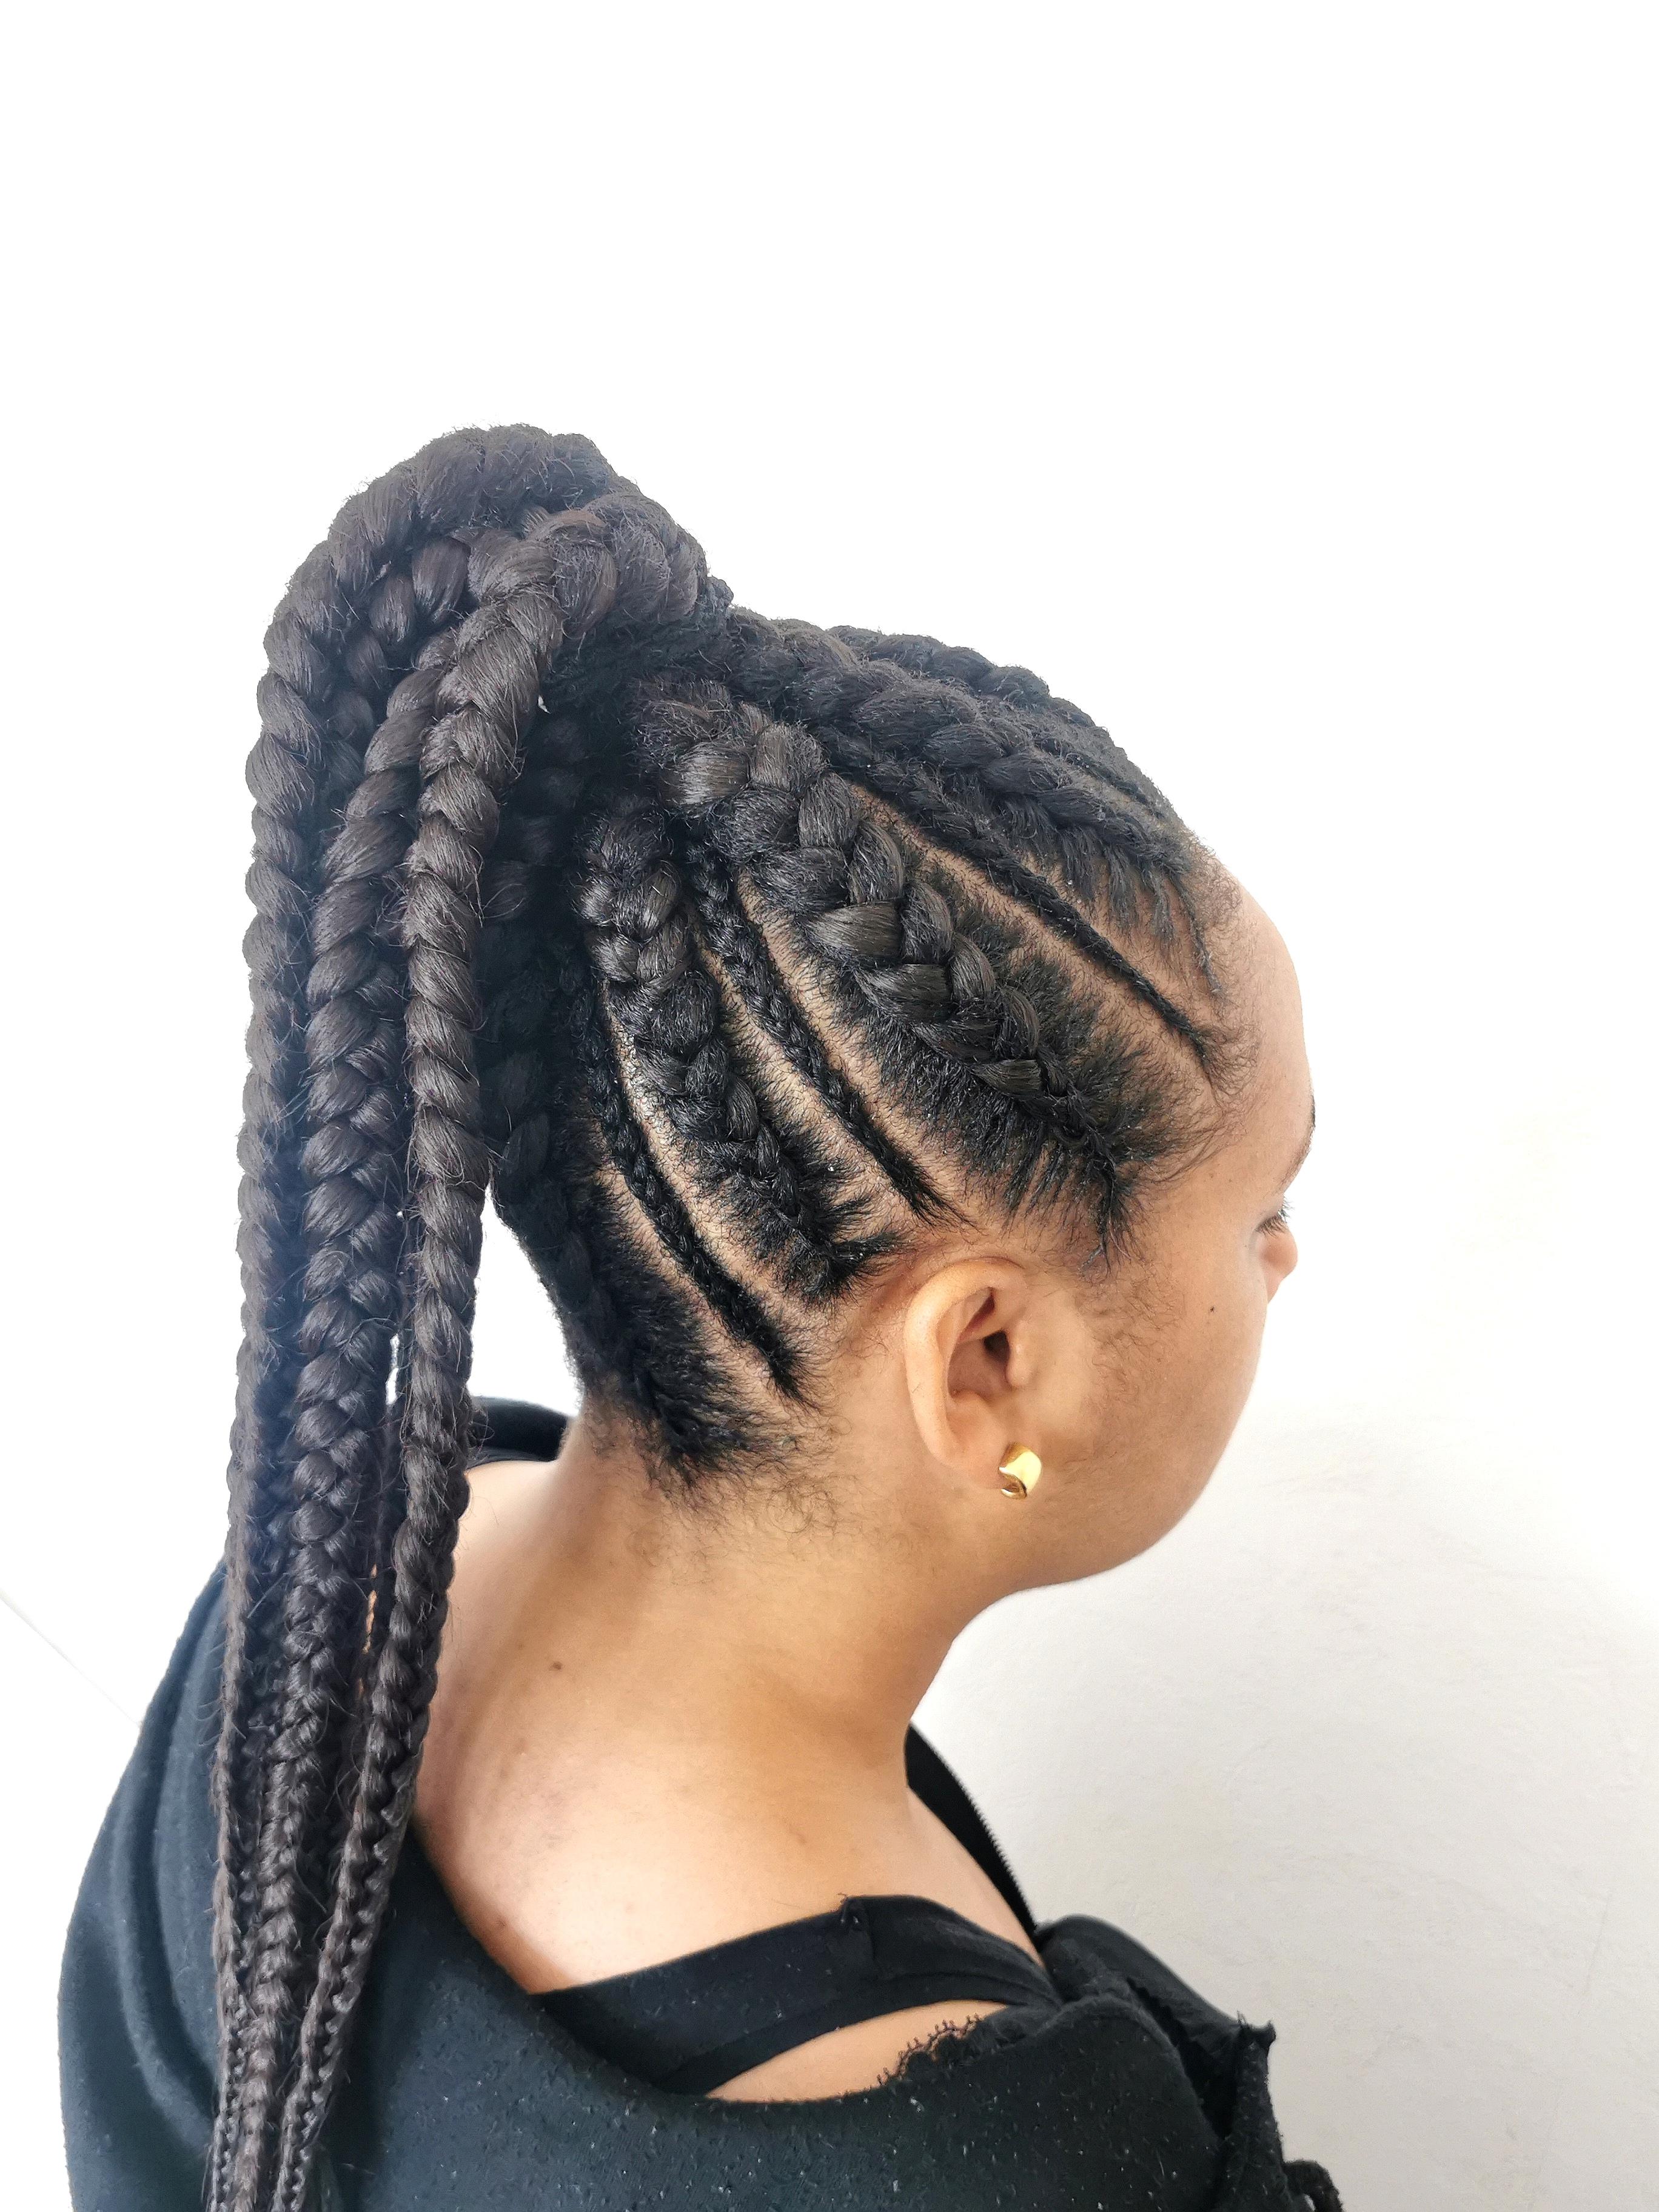 salon de coiffure afro tresse tresses box braids crochet braids vanilles tissages paris 75 77 78 91 92 93 94 95 SPHQZTYK